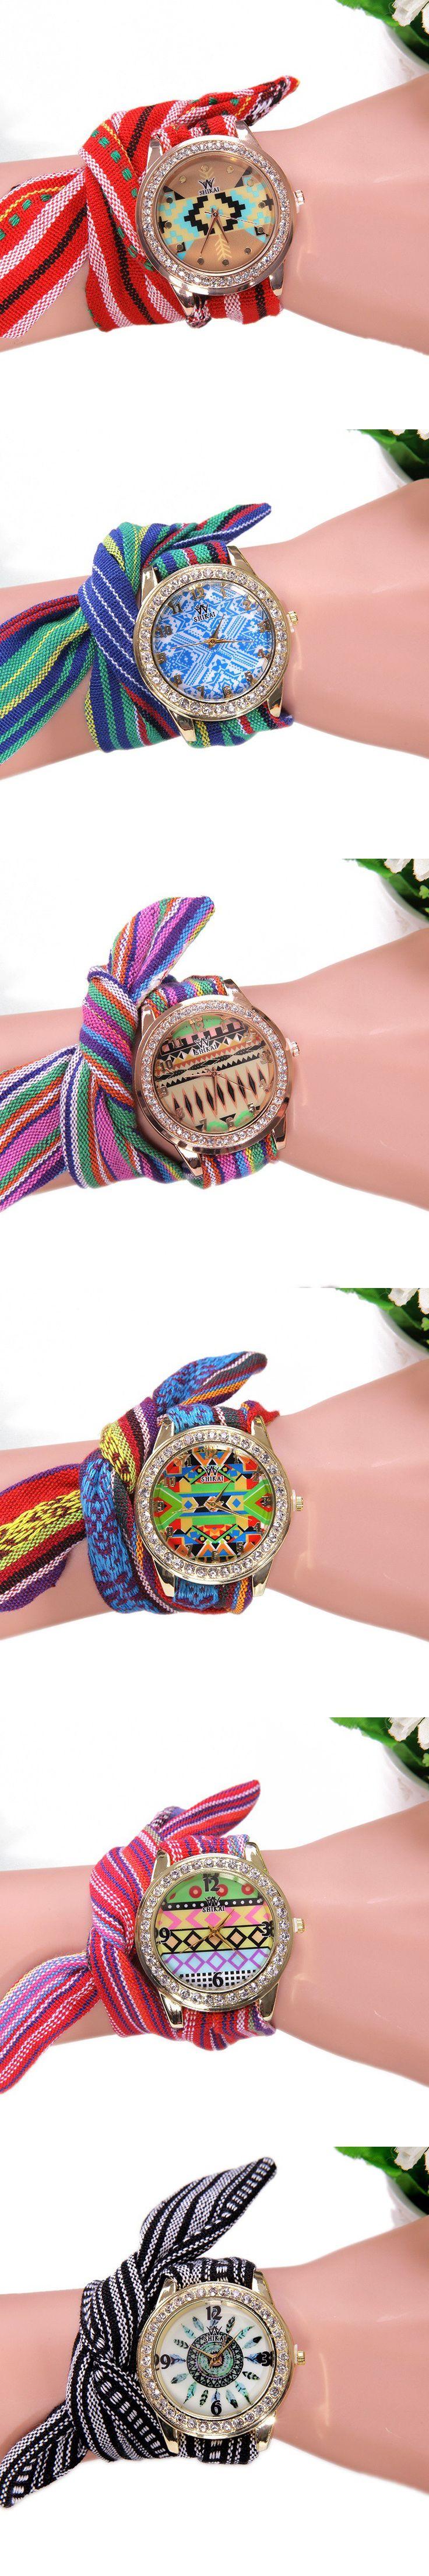 Top Woman Fabric Shikai Flowers Retro Ethnic Dial Wrap Lace wristwatch women Watch Golden Rim Reloj Dama Fashion girl Kids